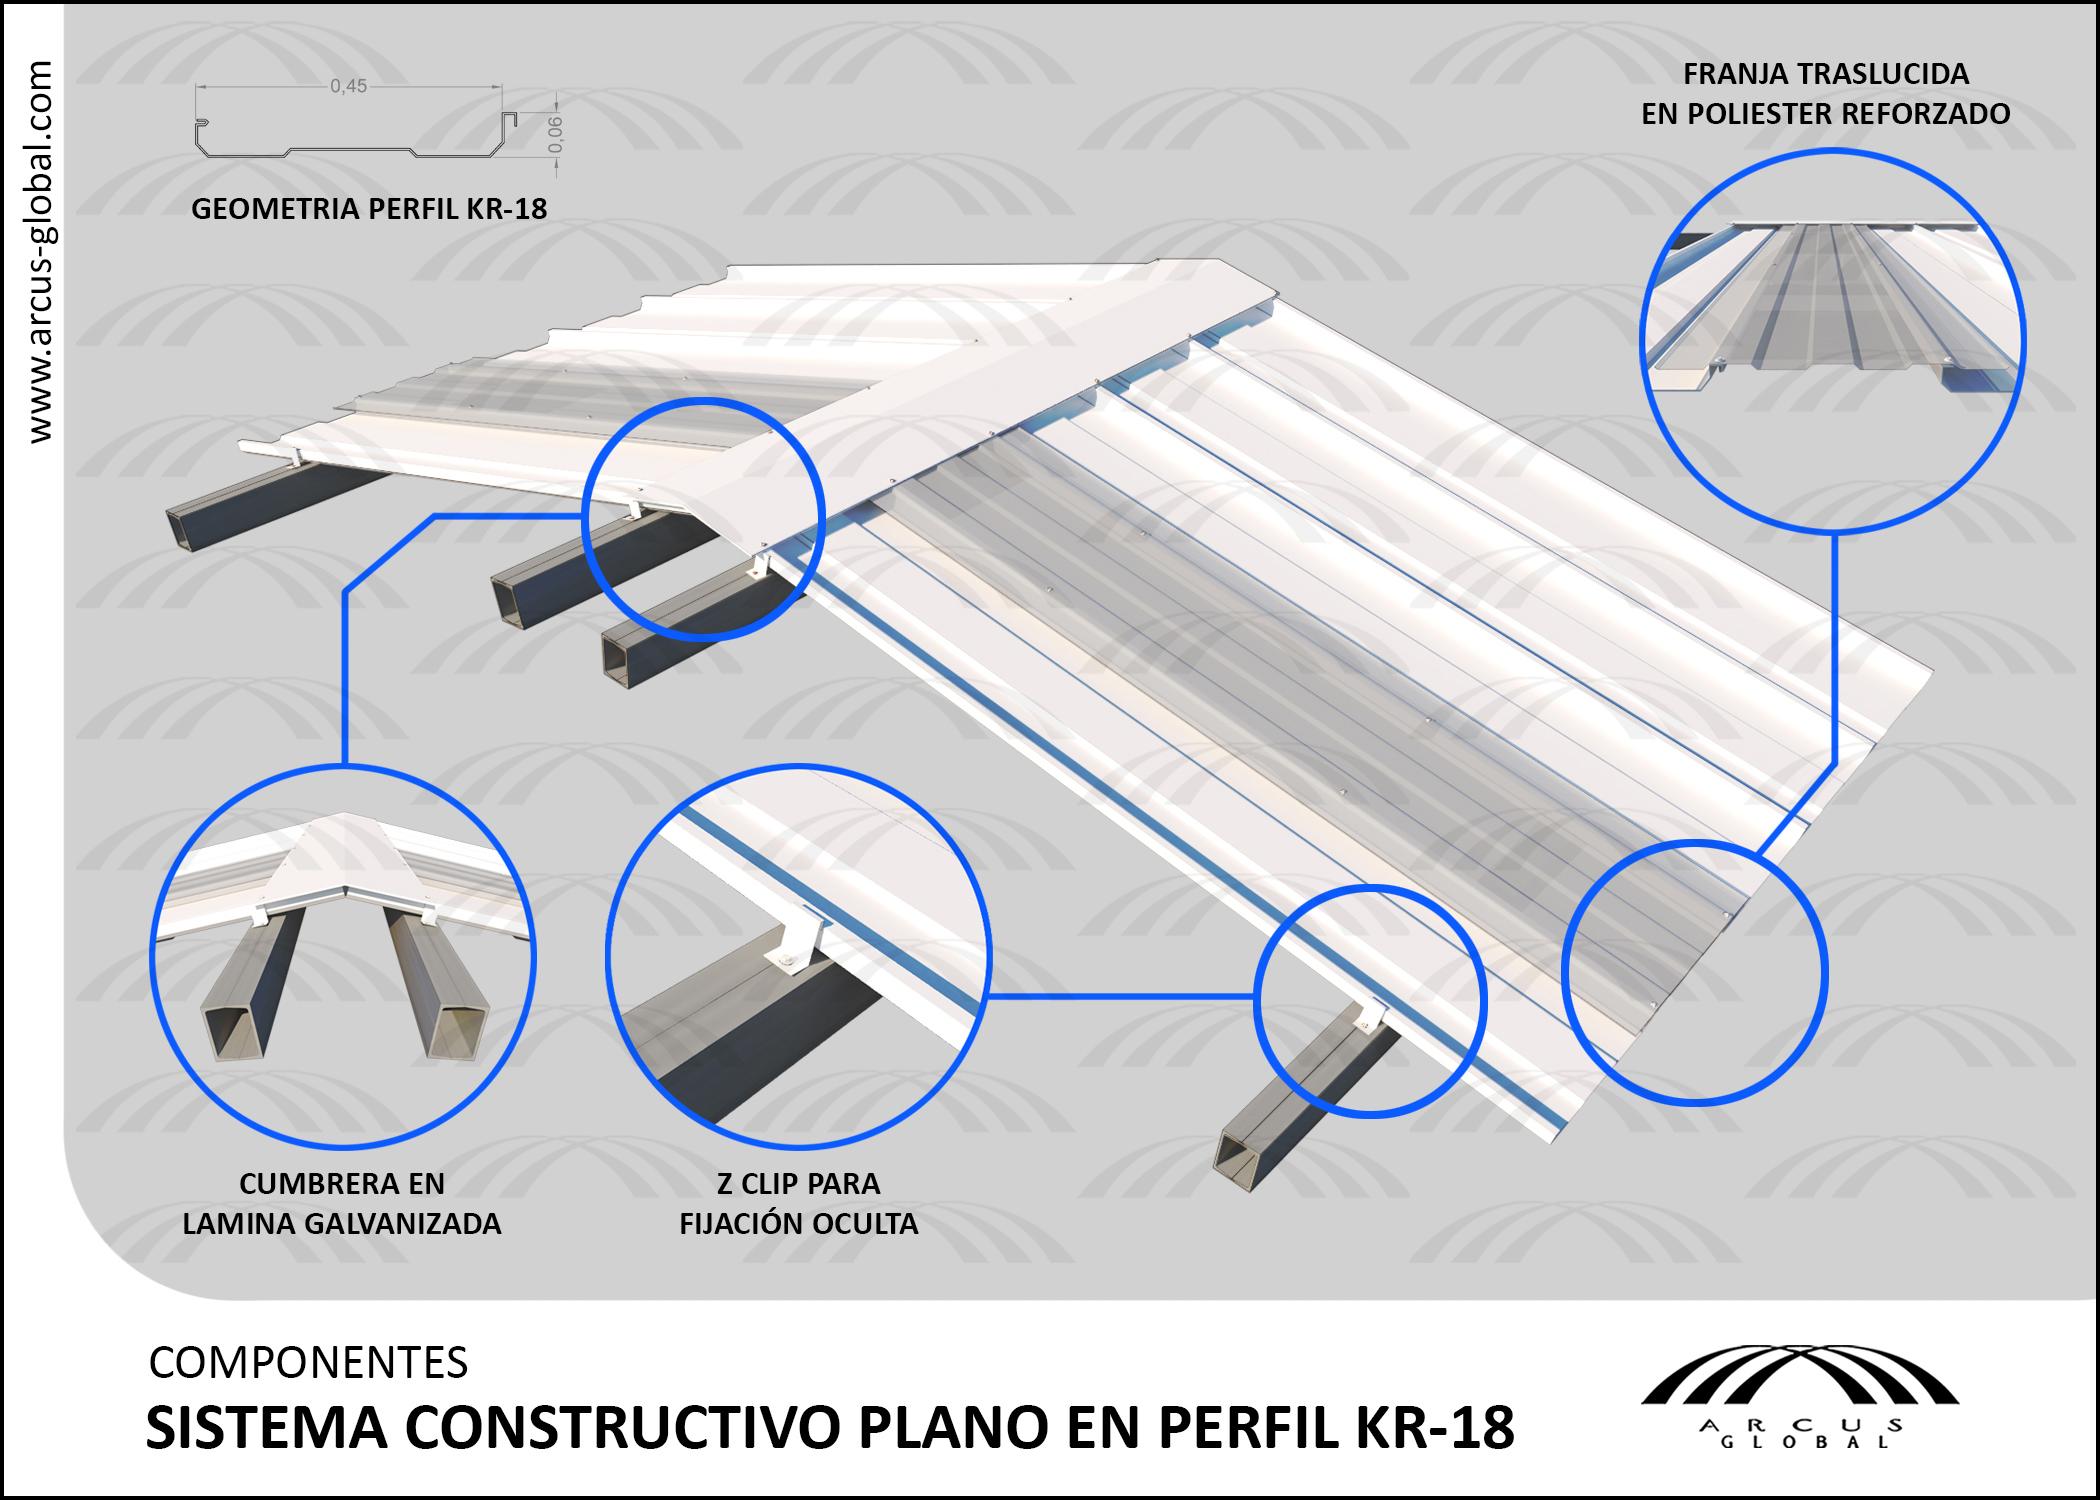 Ficha técnica: Cubierta en perfil KR-18